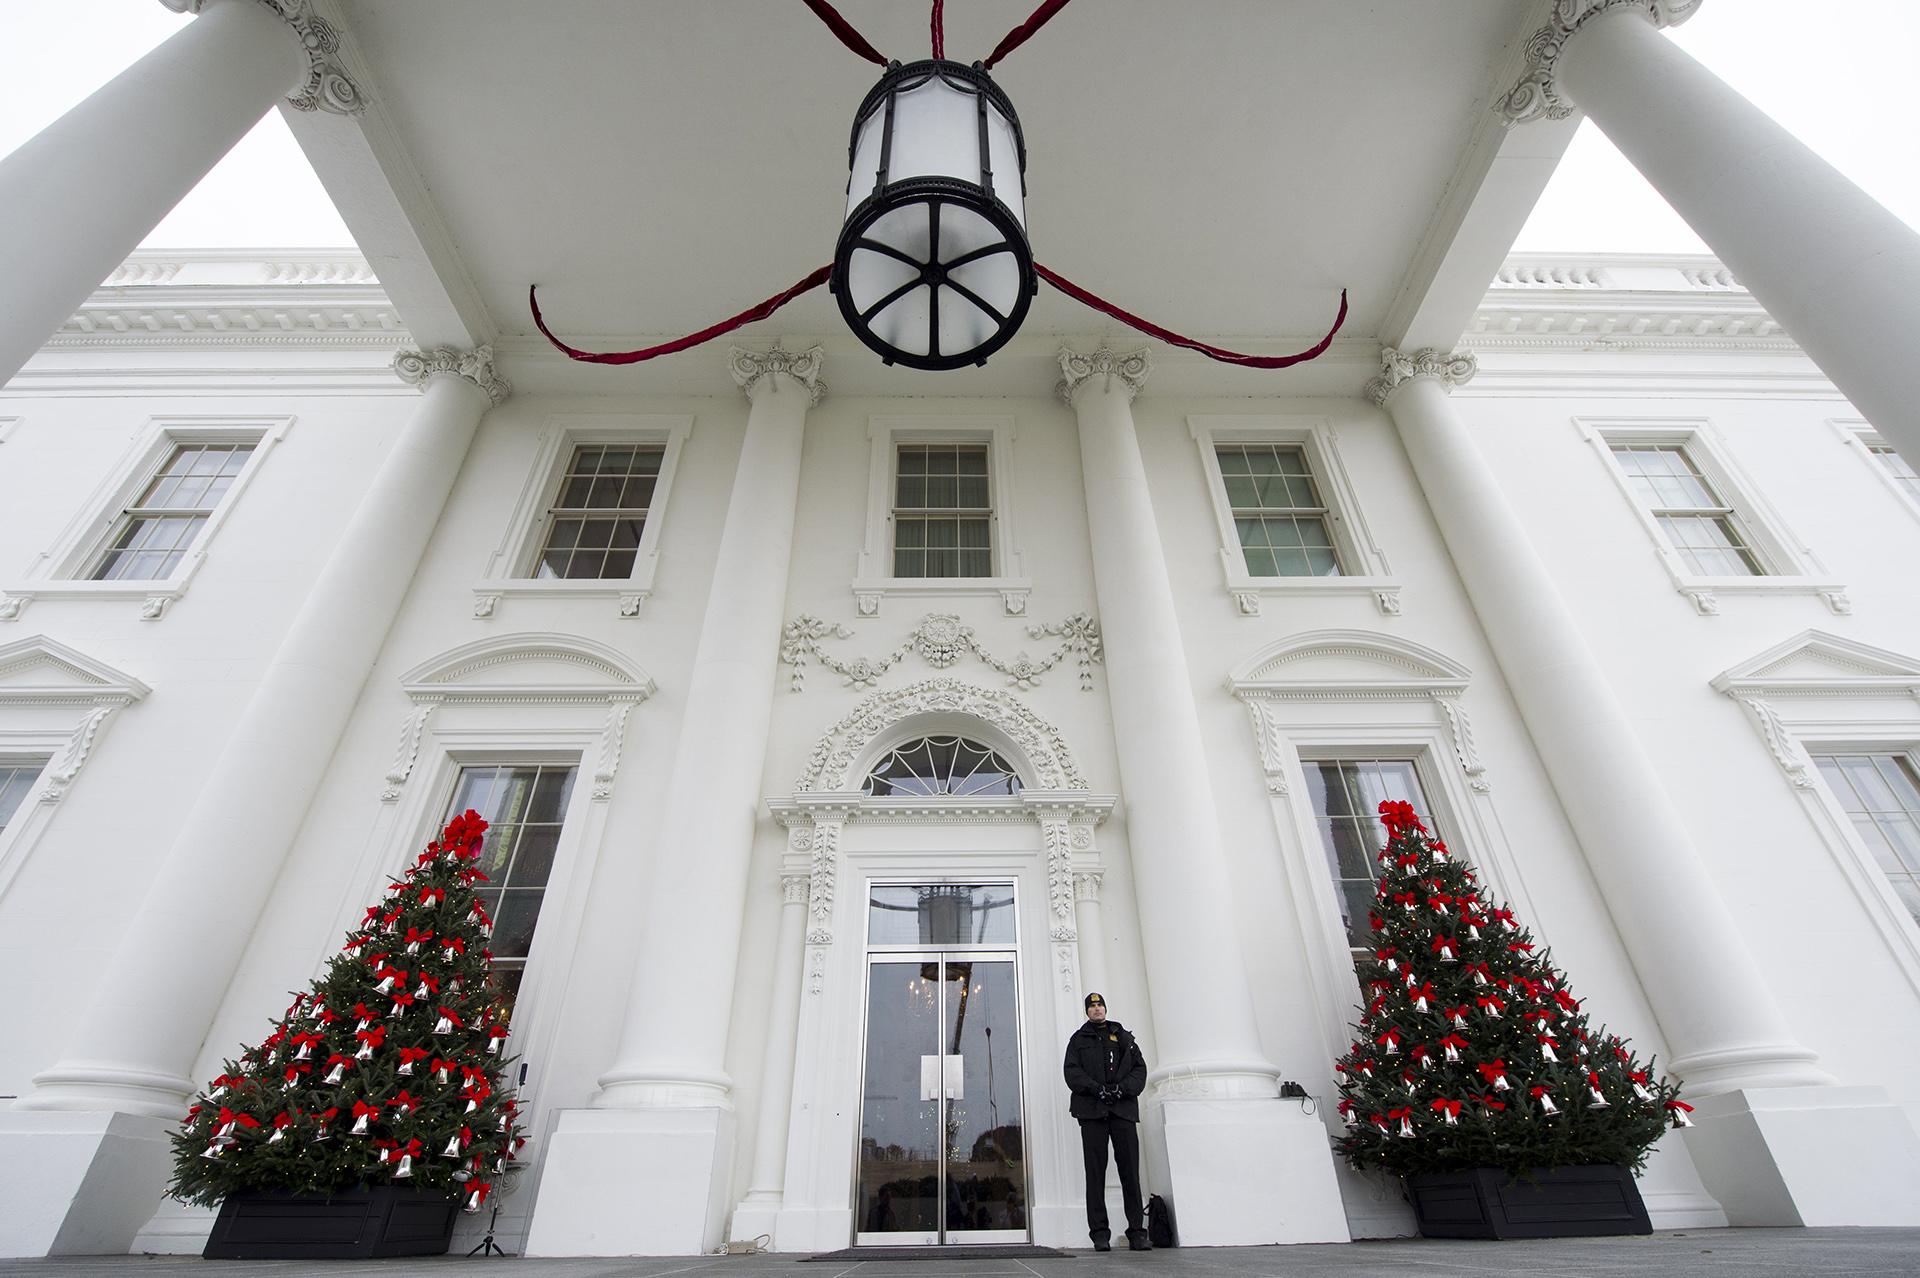 Detalles navideños en el pórtico Norte de la Casa Blanca